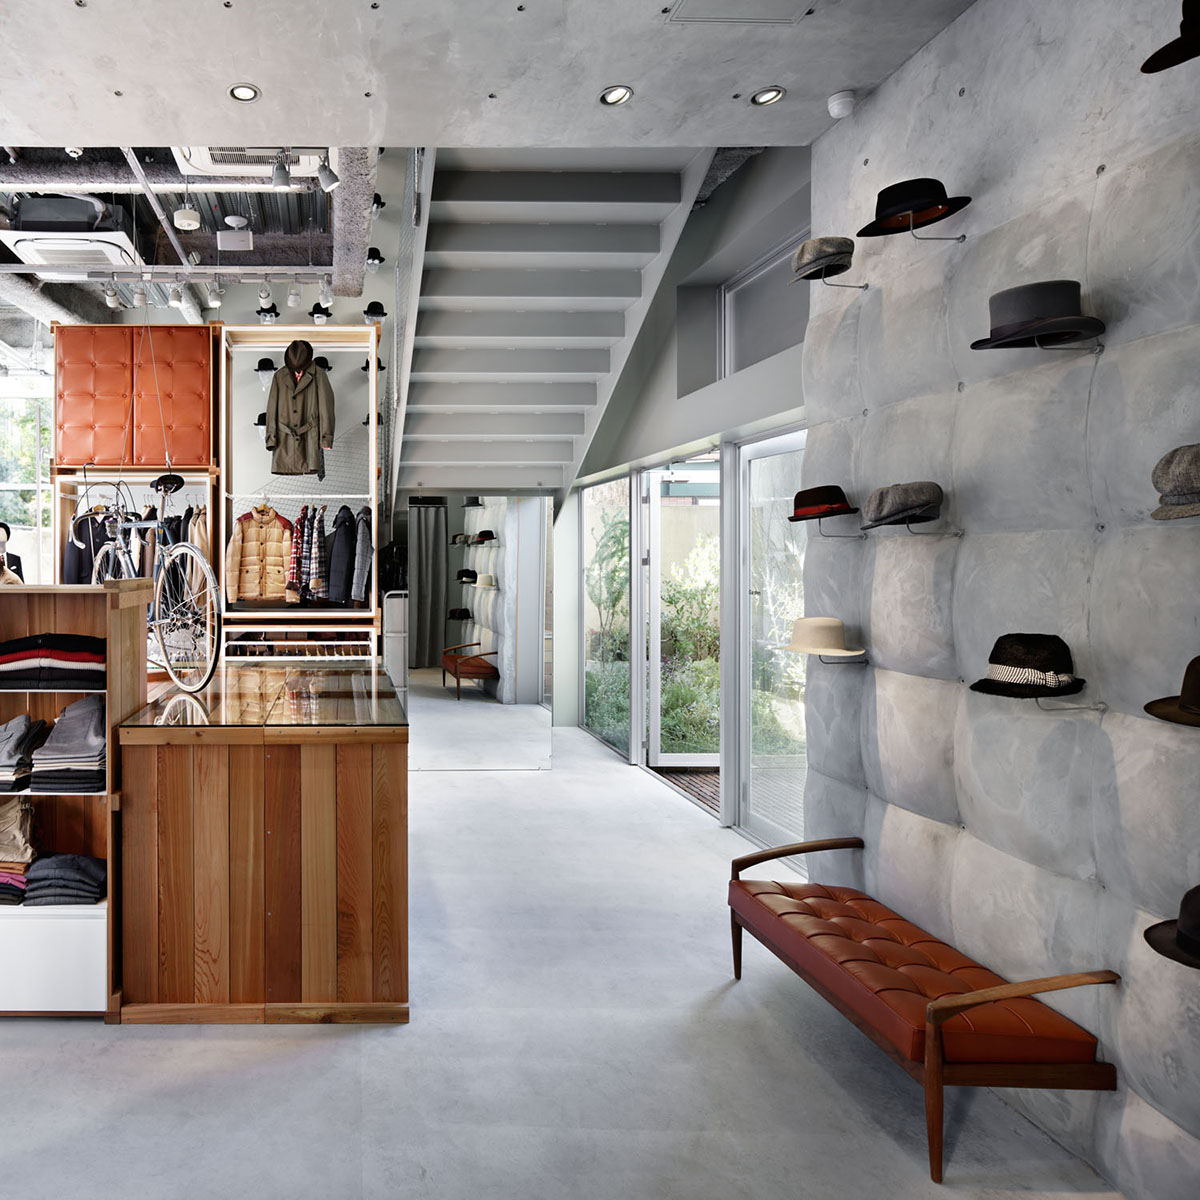 Takeo Kikuchi Shibuya Schemata Architects Jo Nagasaka